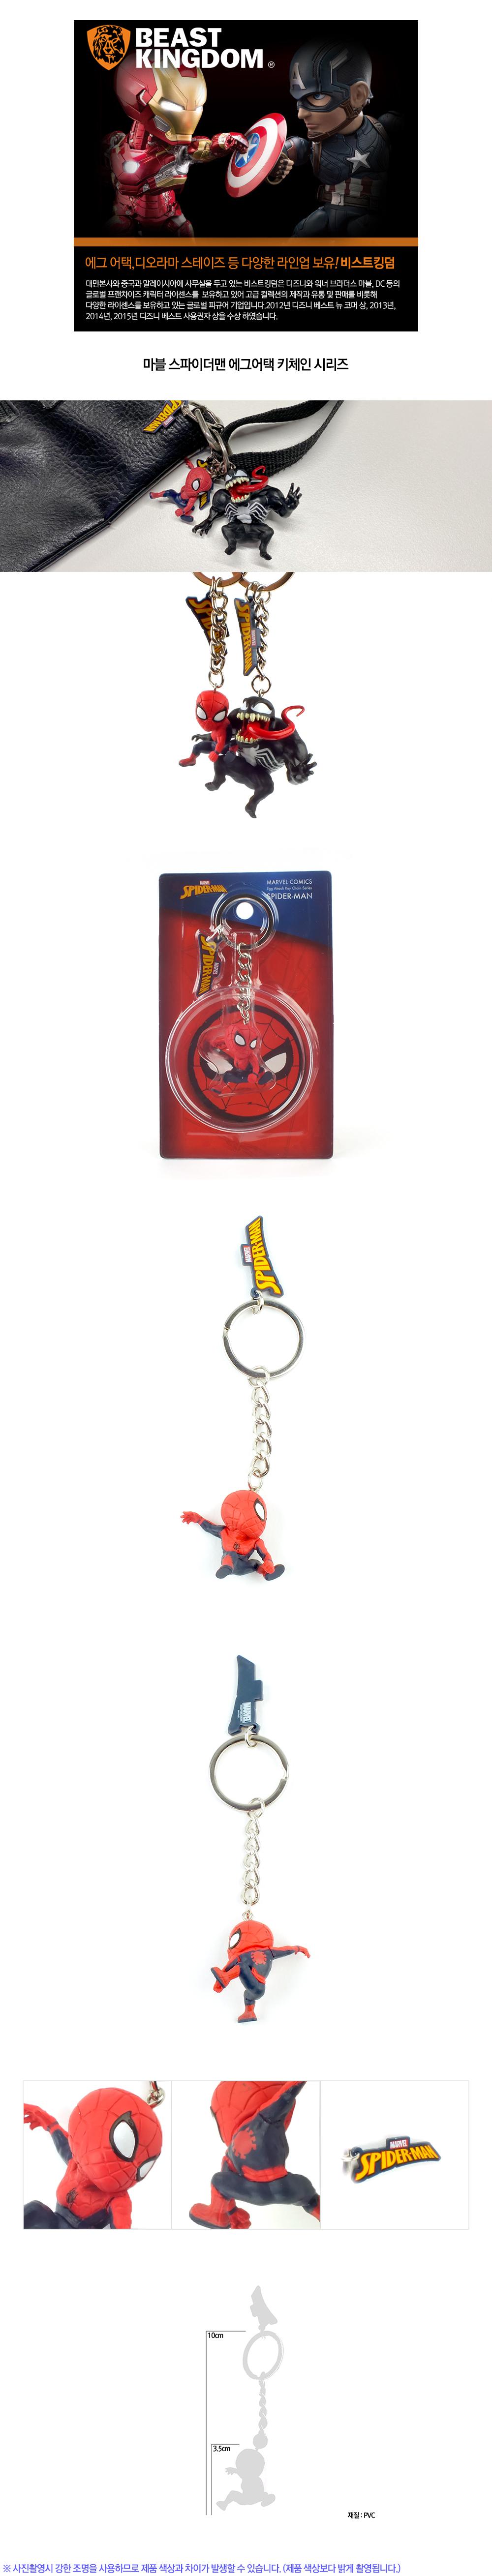 비스트킹덤 마블 코믹스 스파이더맨 키체인 열쇠고리12,000원-레프리카키덜트/취미, 피규어, 캐릭터 피규어, 마블/DC/히어로코믹바보사랑비스트킹덤 마블 코믹스 스파이더맨 키체인 열쇠고리12,000원-레프리카키덜트/취미, 피규어, 캐릭터 피규어, 마블/DC/히어로코믹바보사랑